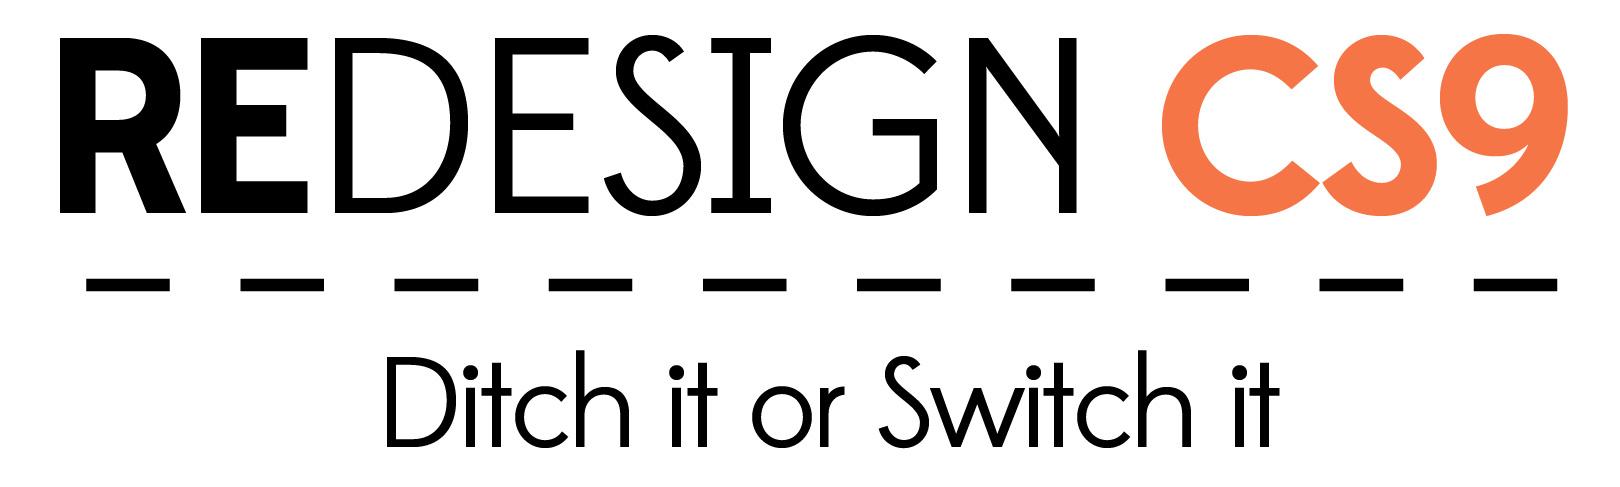 www.redesignCS9.com